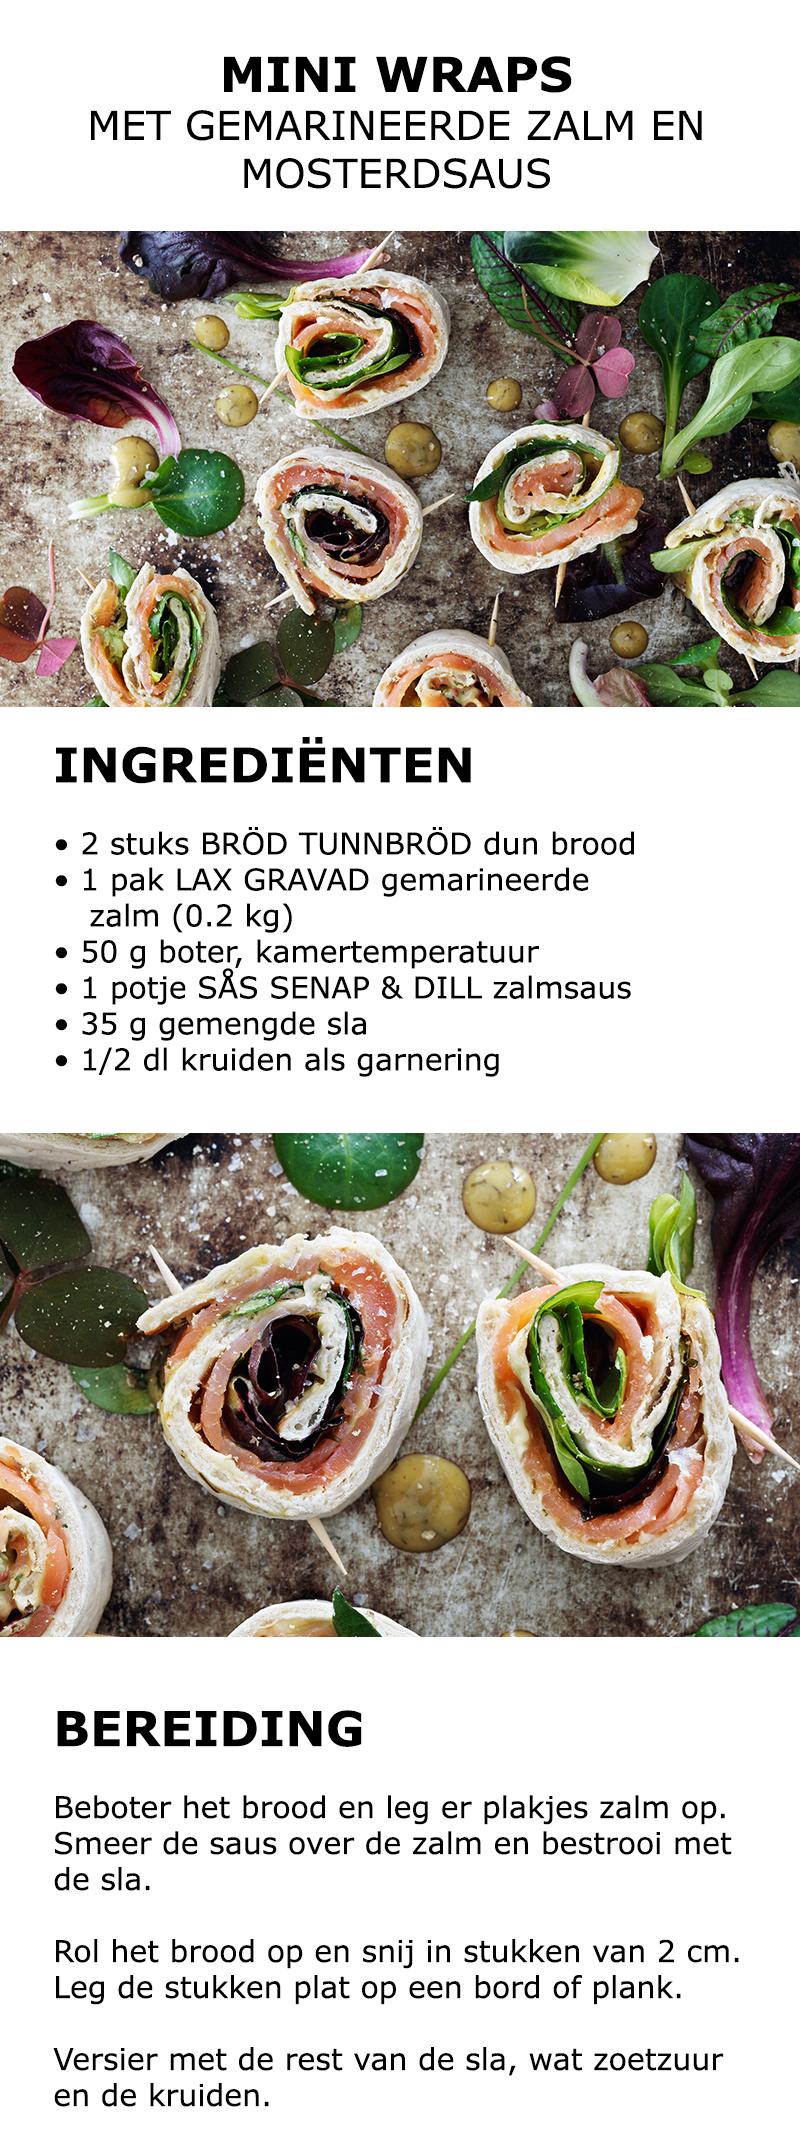 Inspiratie voor Midsommar - Mini wraps met gemarineerde zalm en mosterdsaus…